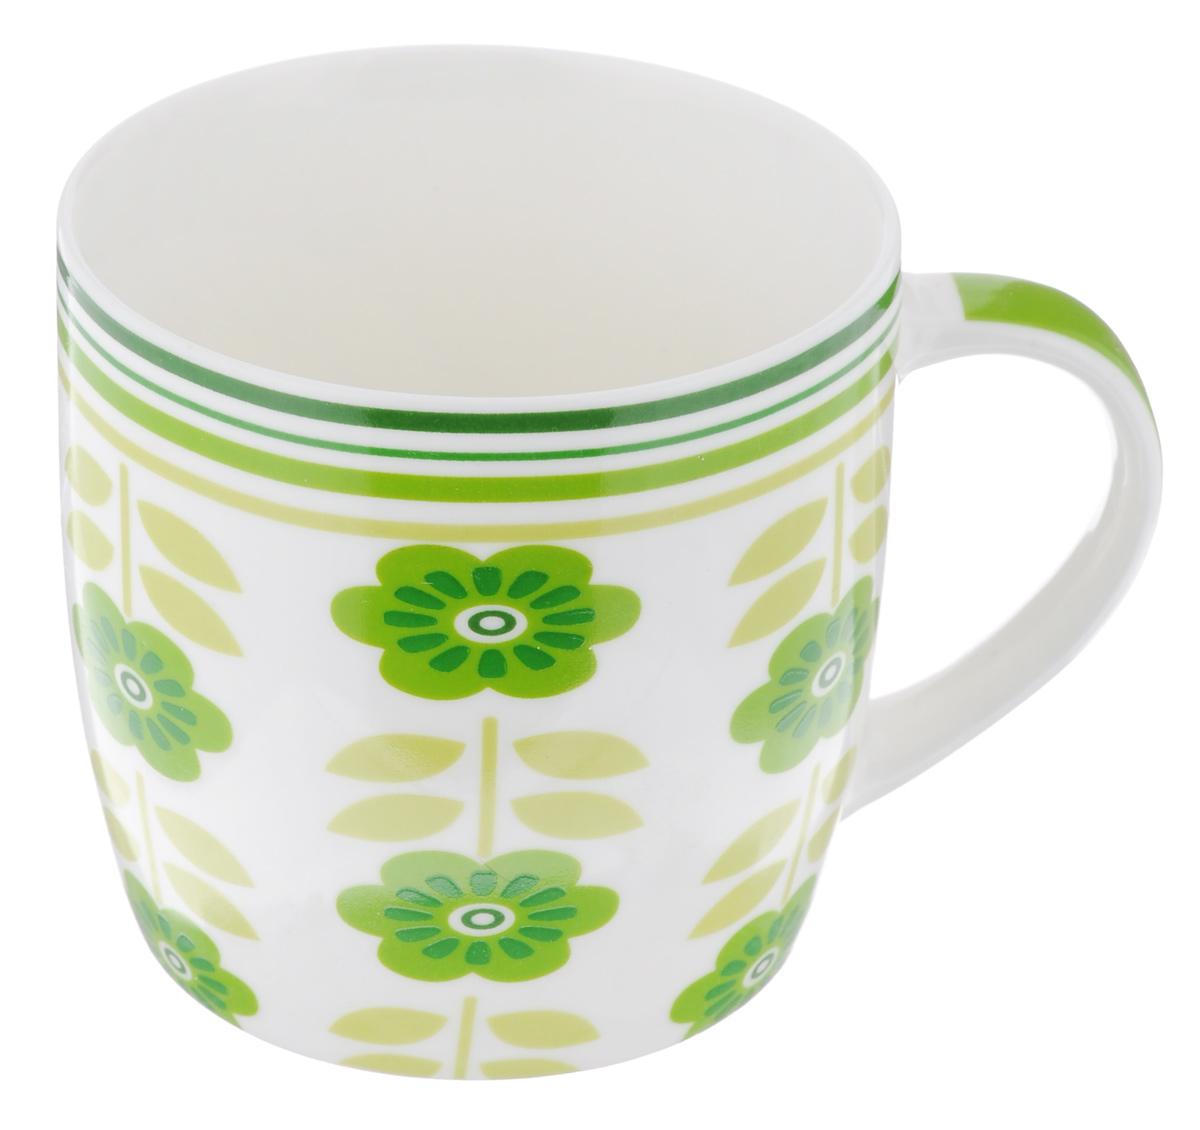 """Оригинальная кружка Loraine """"Зеленые цветы"""" выполнена из костяного фарфора и оформлена красочным рисунком. Она станет отличным дополнением к сервировке семейного стола и замечательным подарком для ваших родных и друзей."""